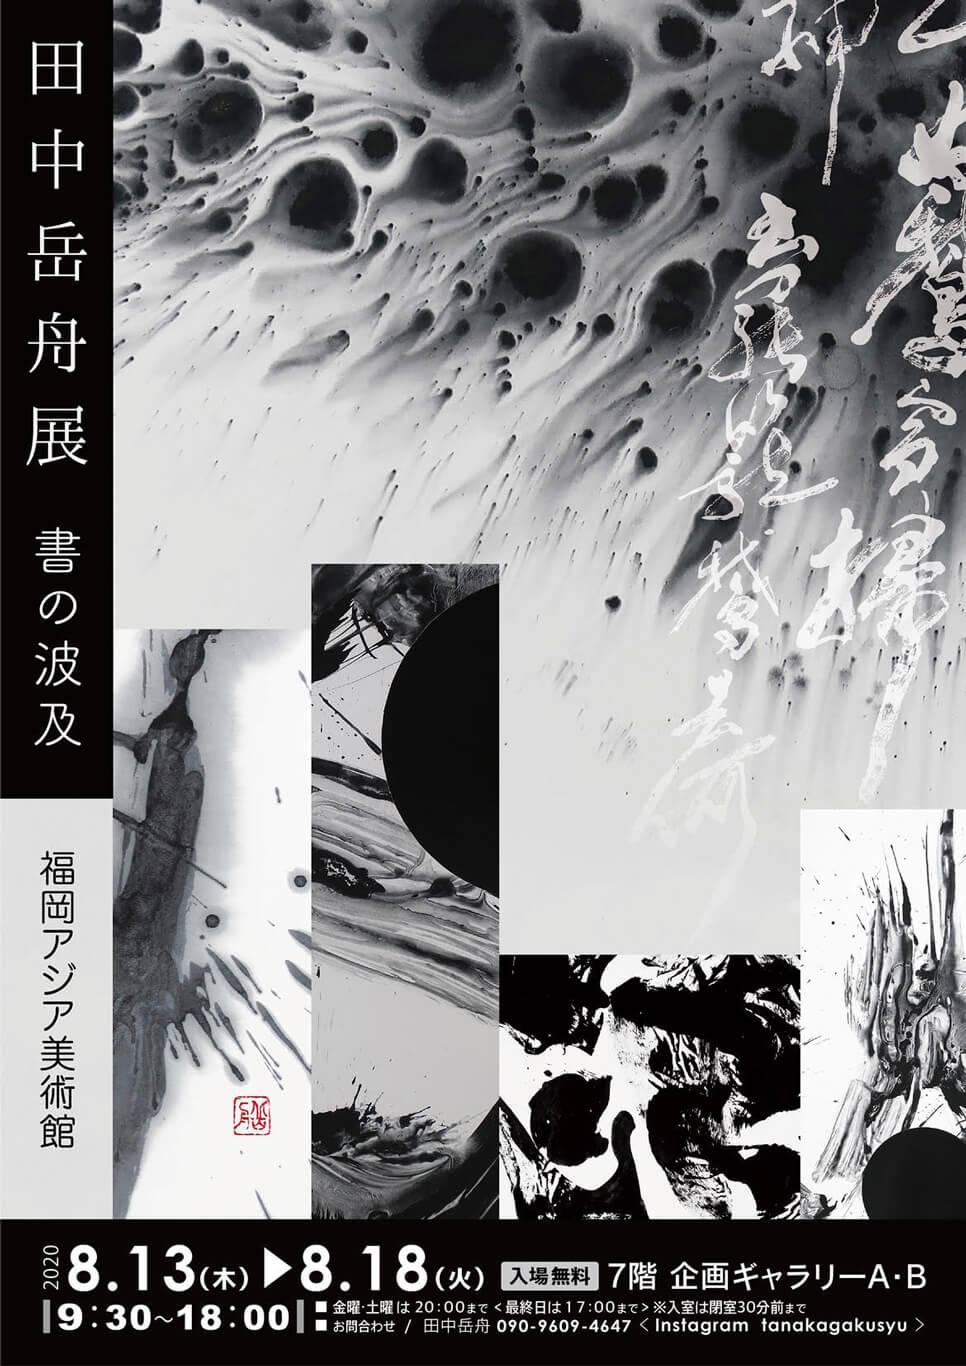 faam-202008-田中岳舟 展